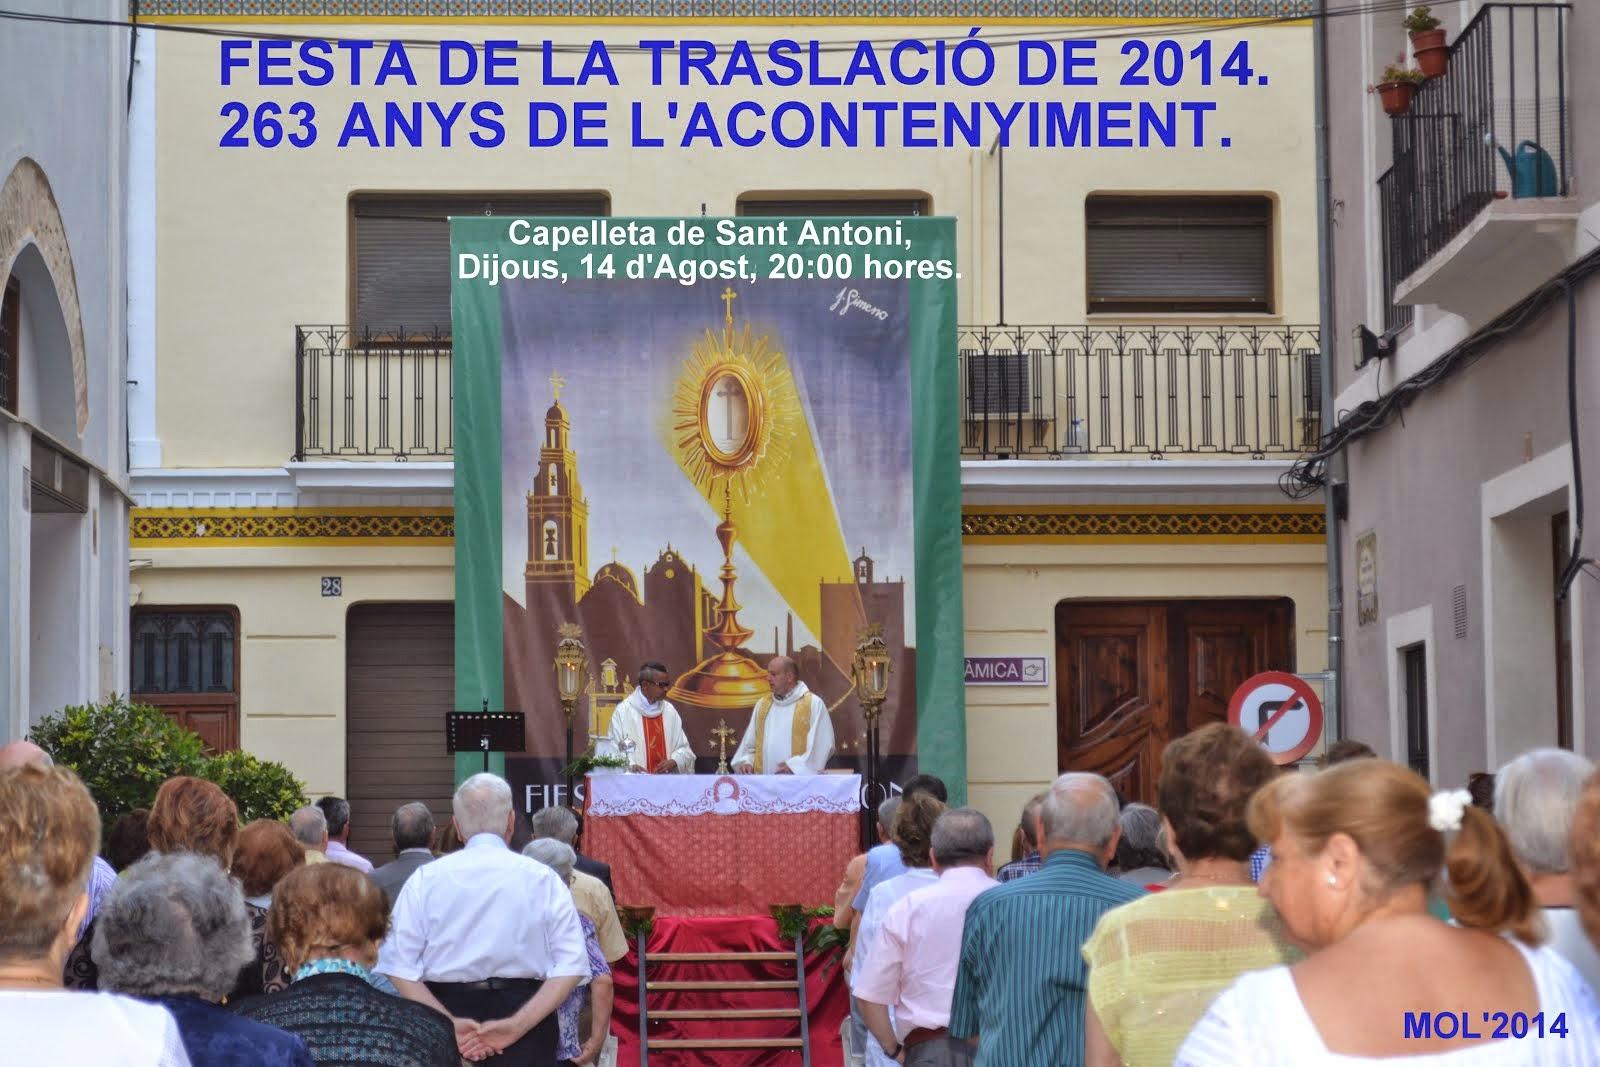 LA TRASLACIÓ DE 2014, FA 263 ANYS - HACE 263 AÑOS